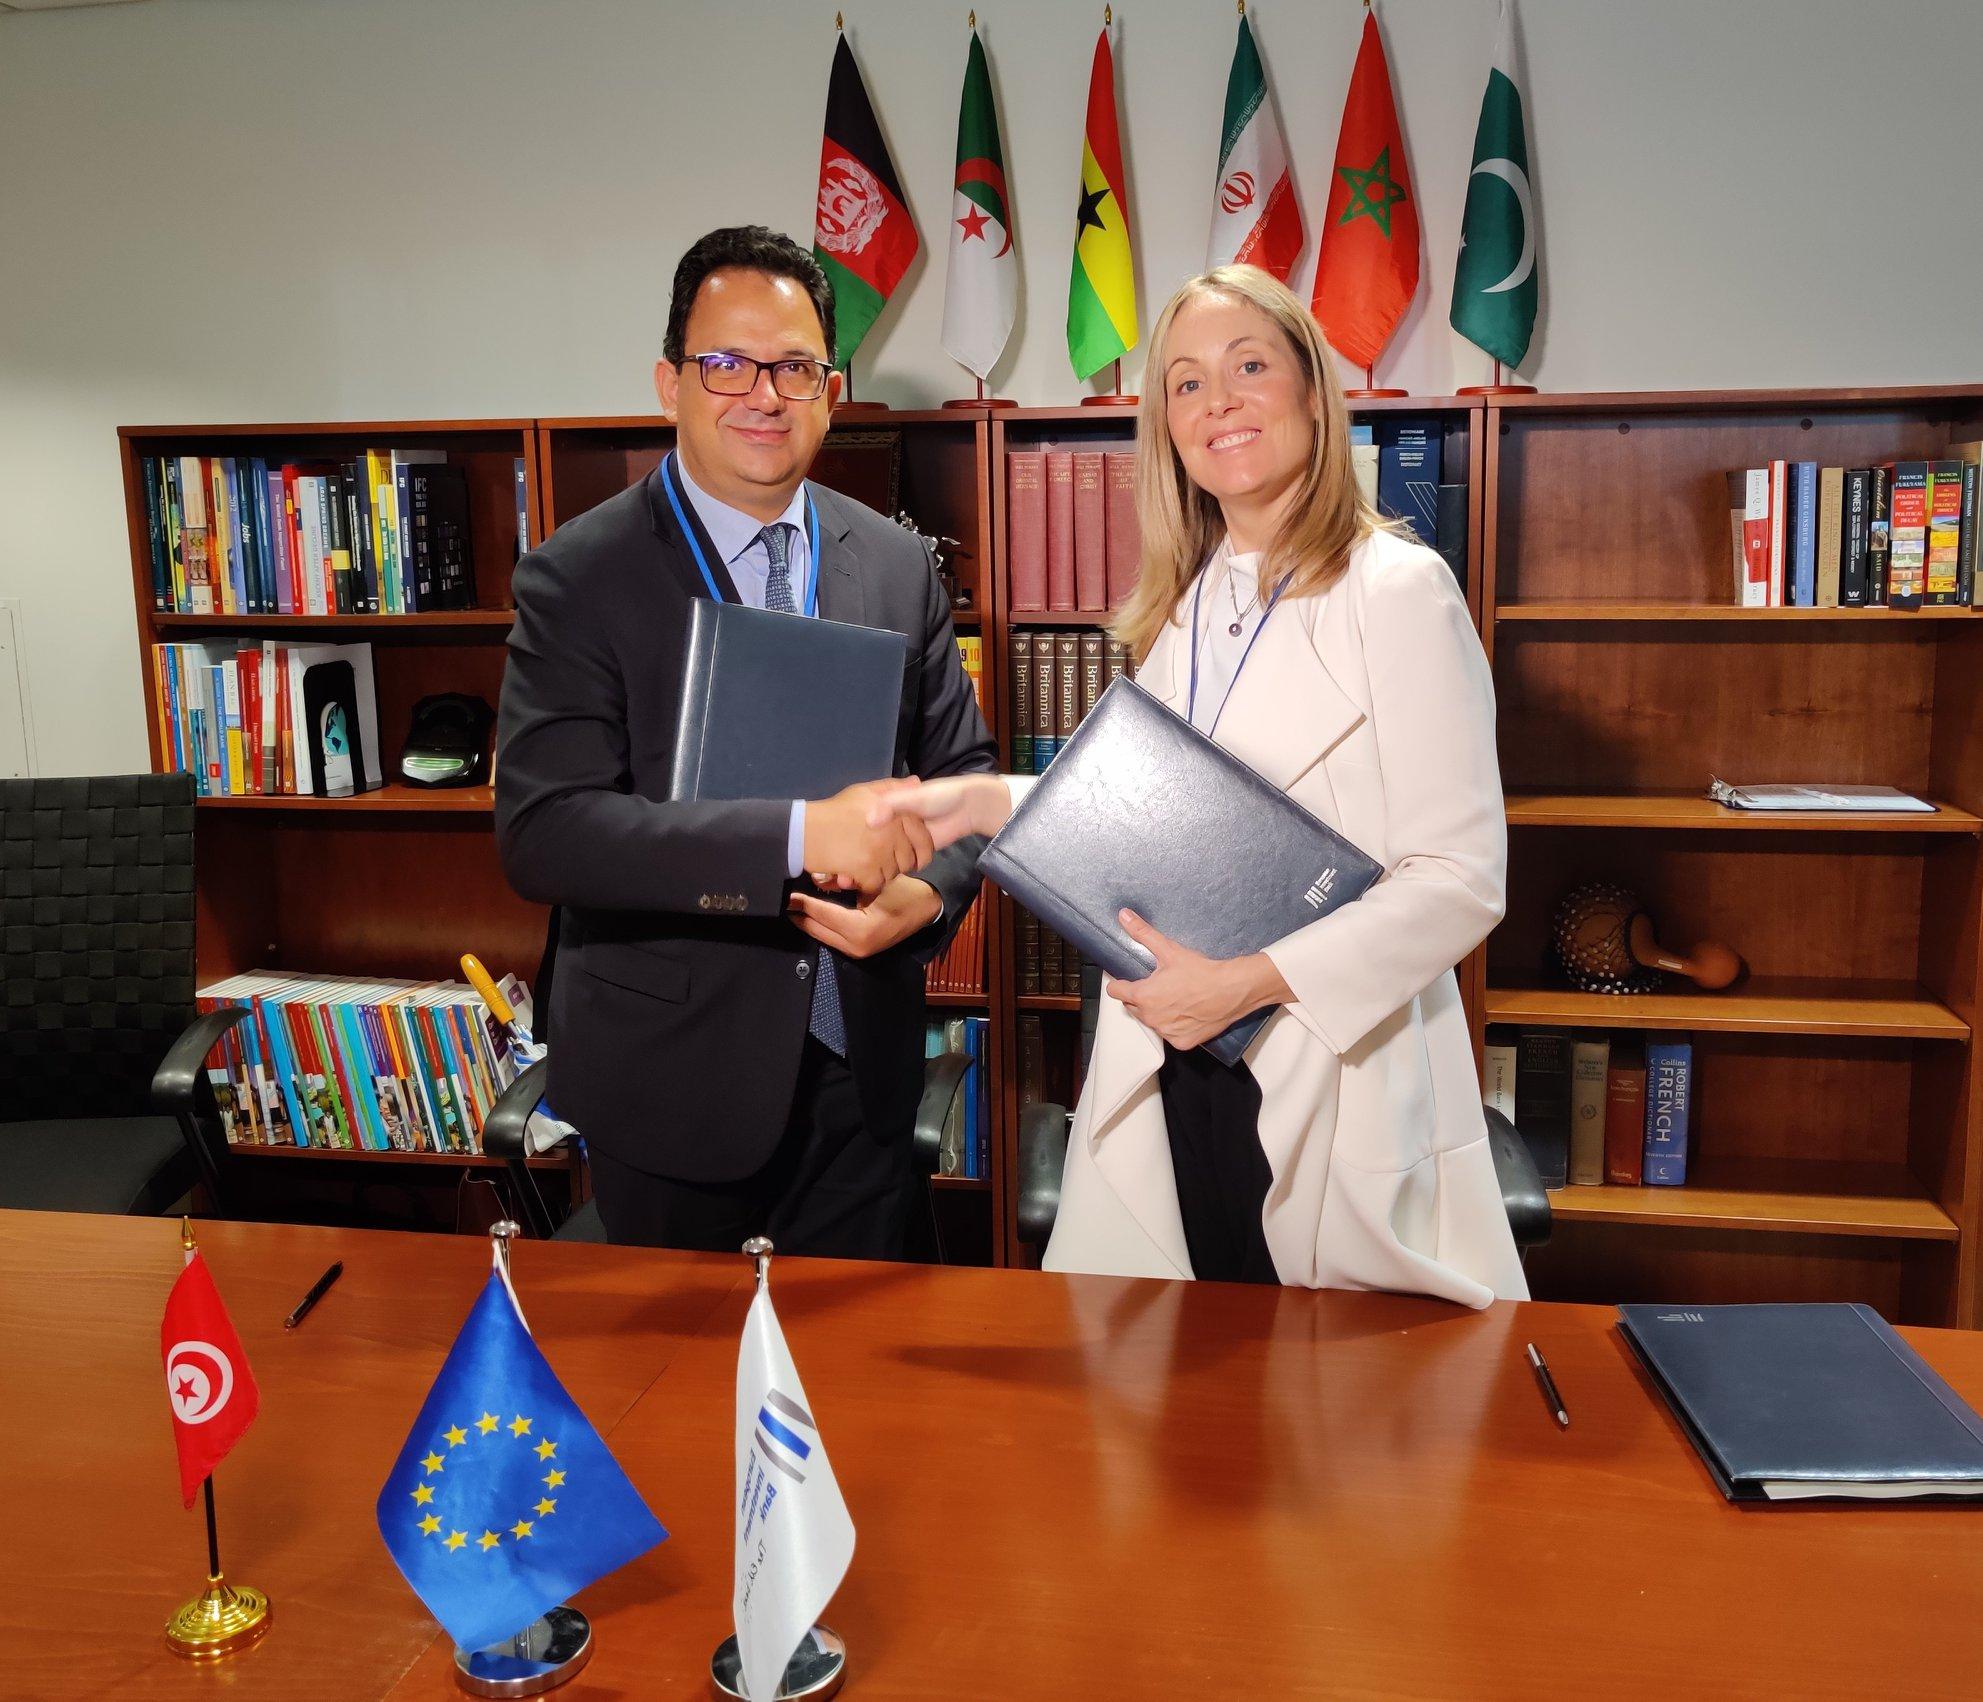 المؤسسات المالية الدولية والإقليمية،تؤكد التزامها بمواصلة دعم تونس: